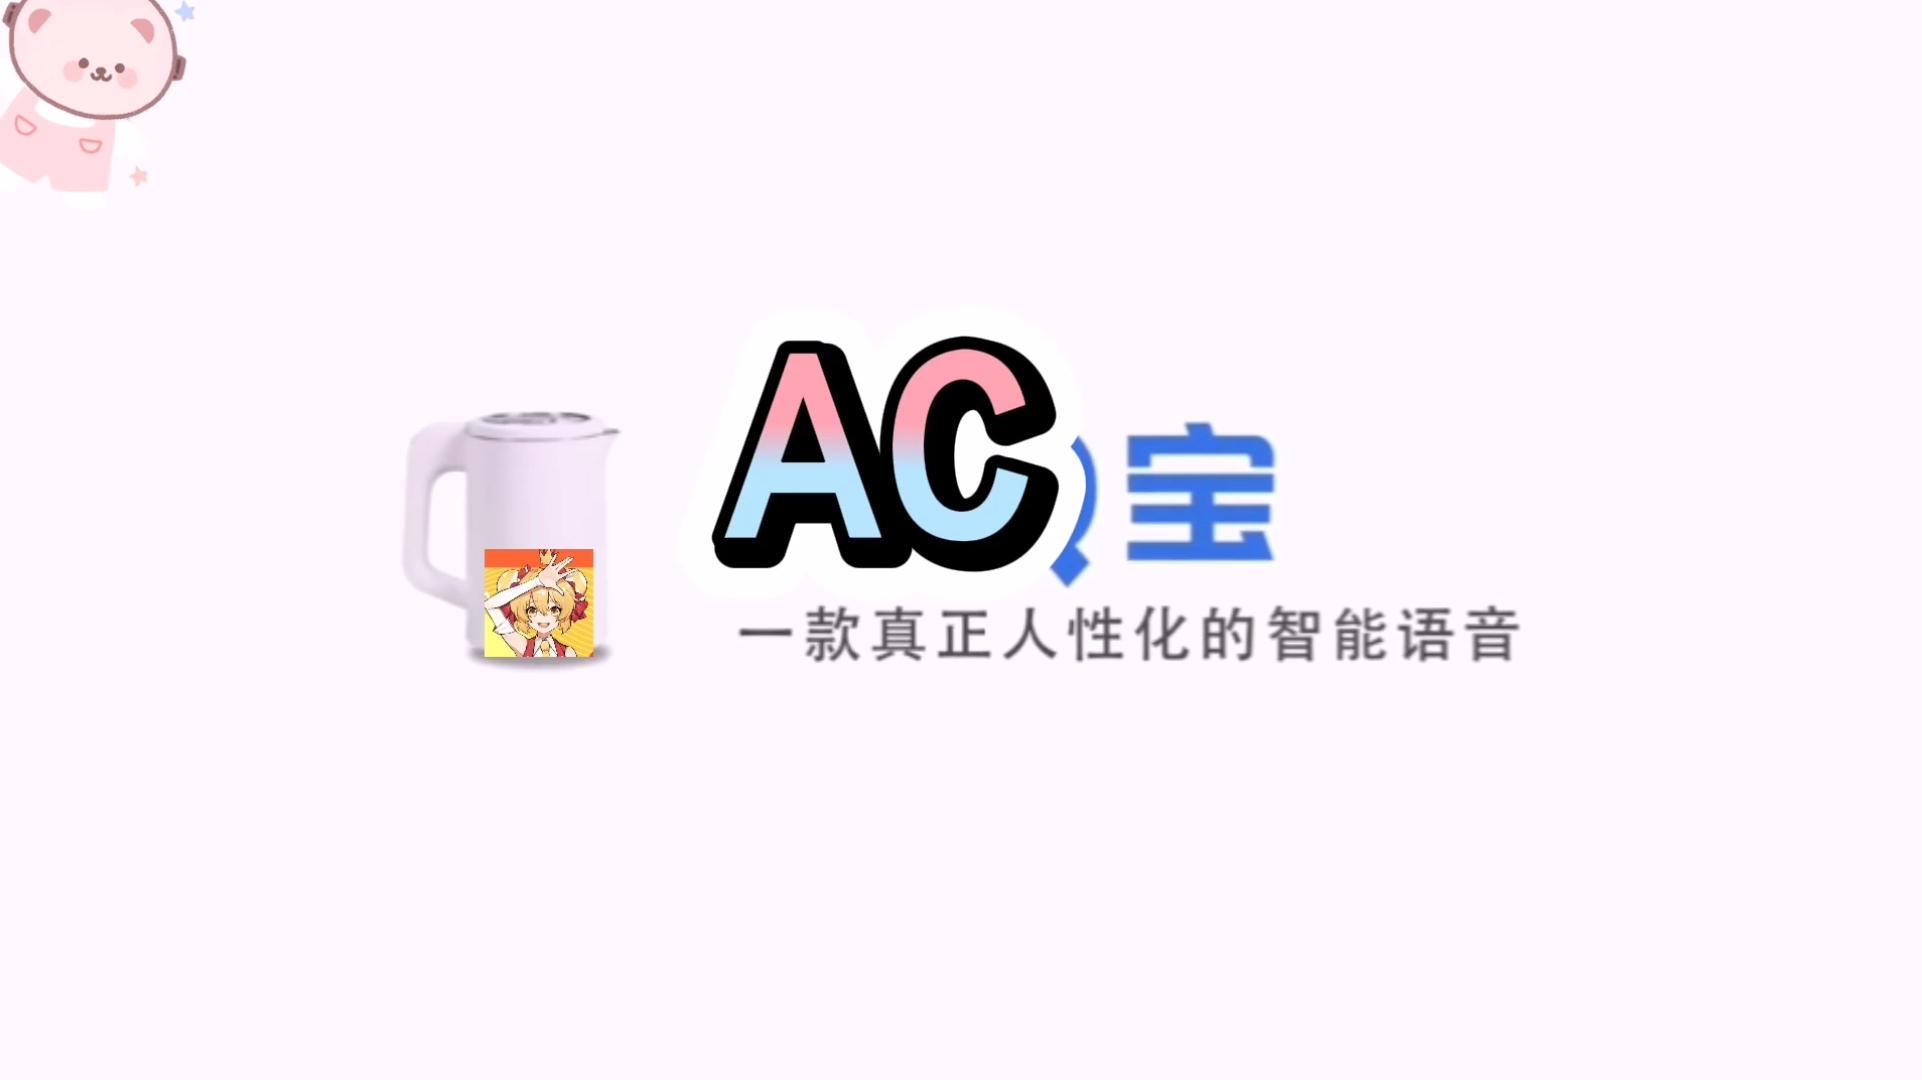 国内首个内置Ac娘语音包的人工智能